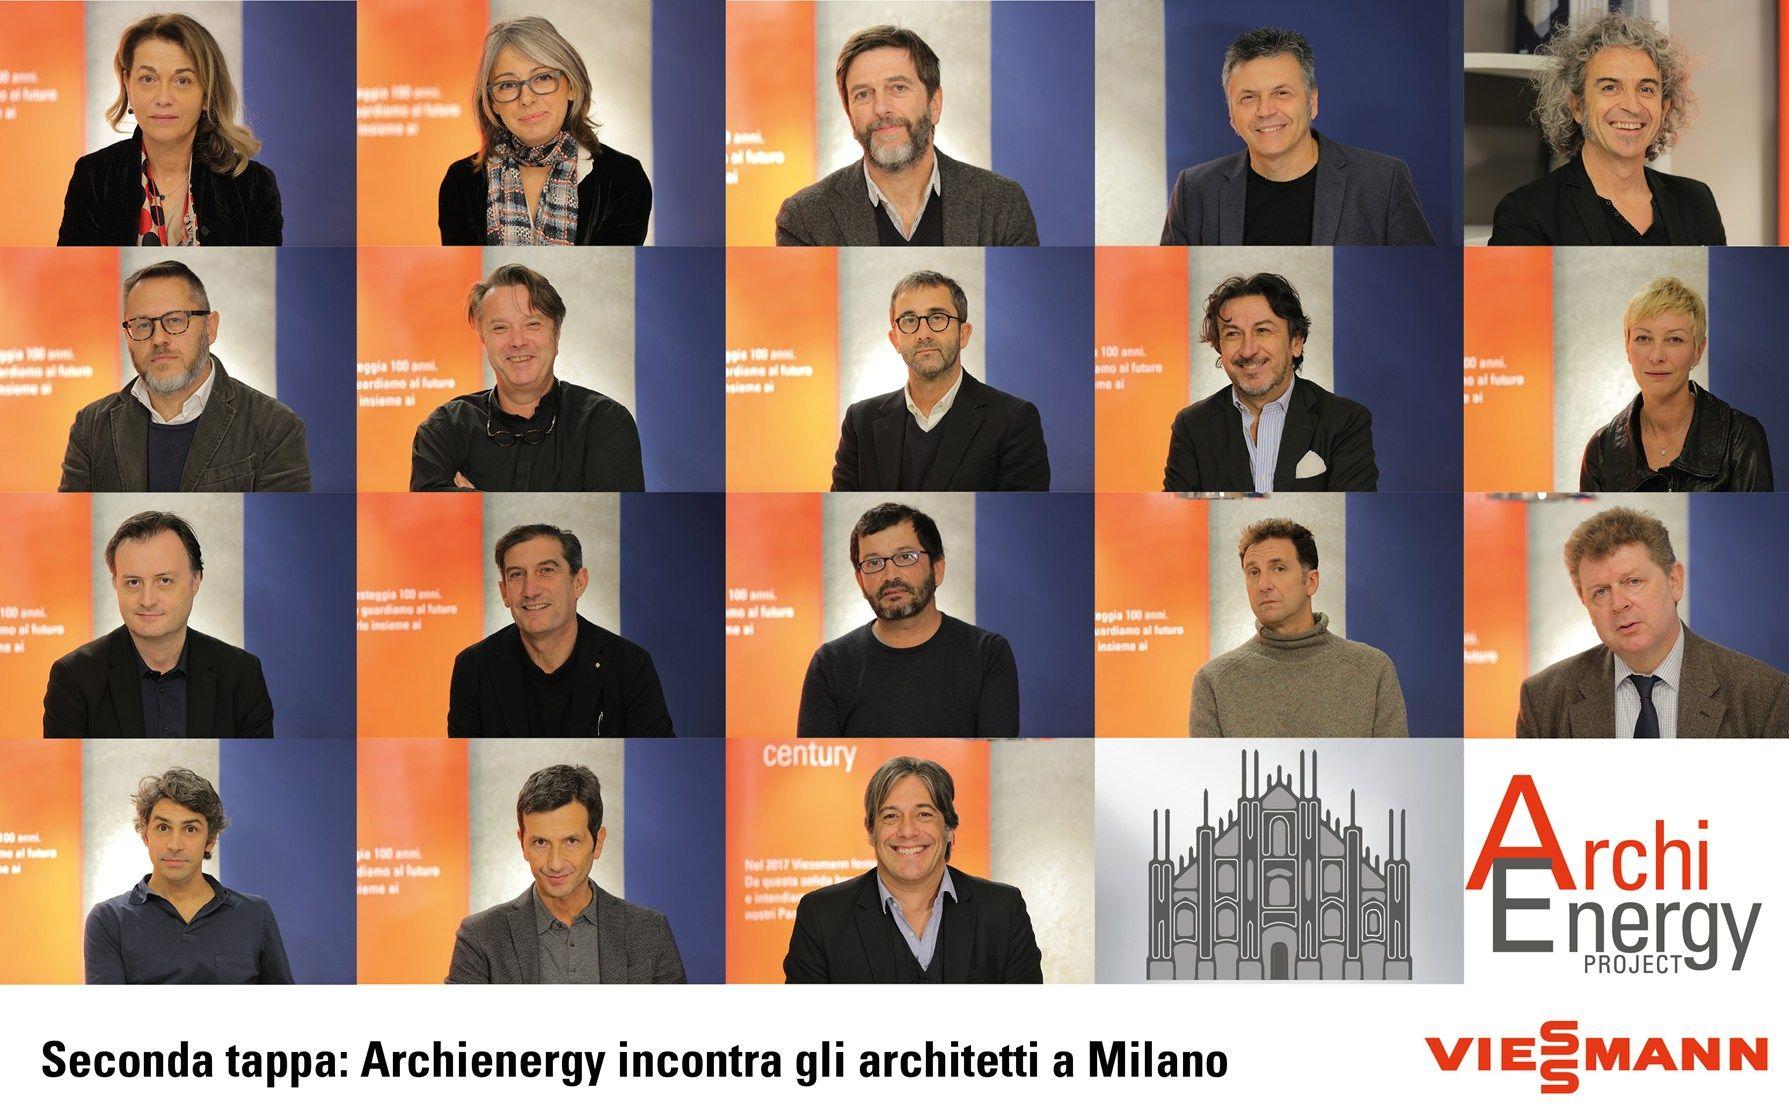 ArchiEnergy Project, al via la seconda tappa dell'iniziativa Viessmann